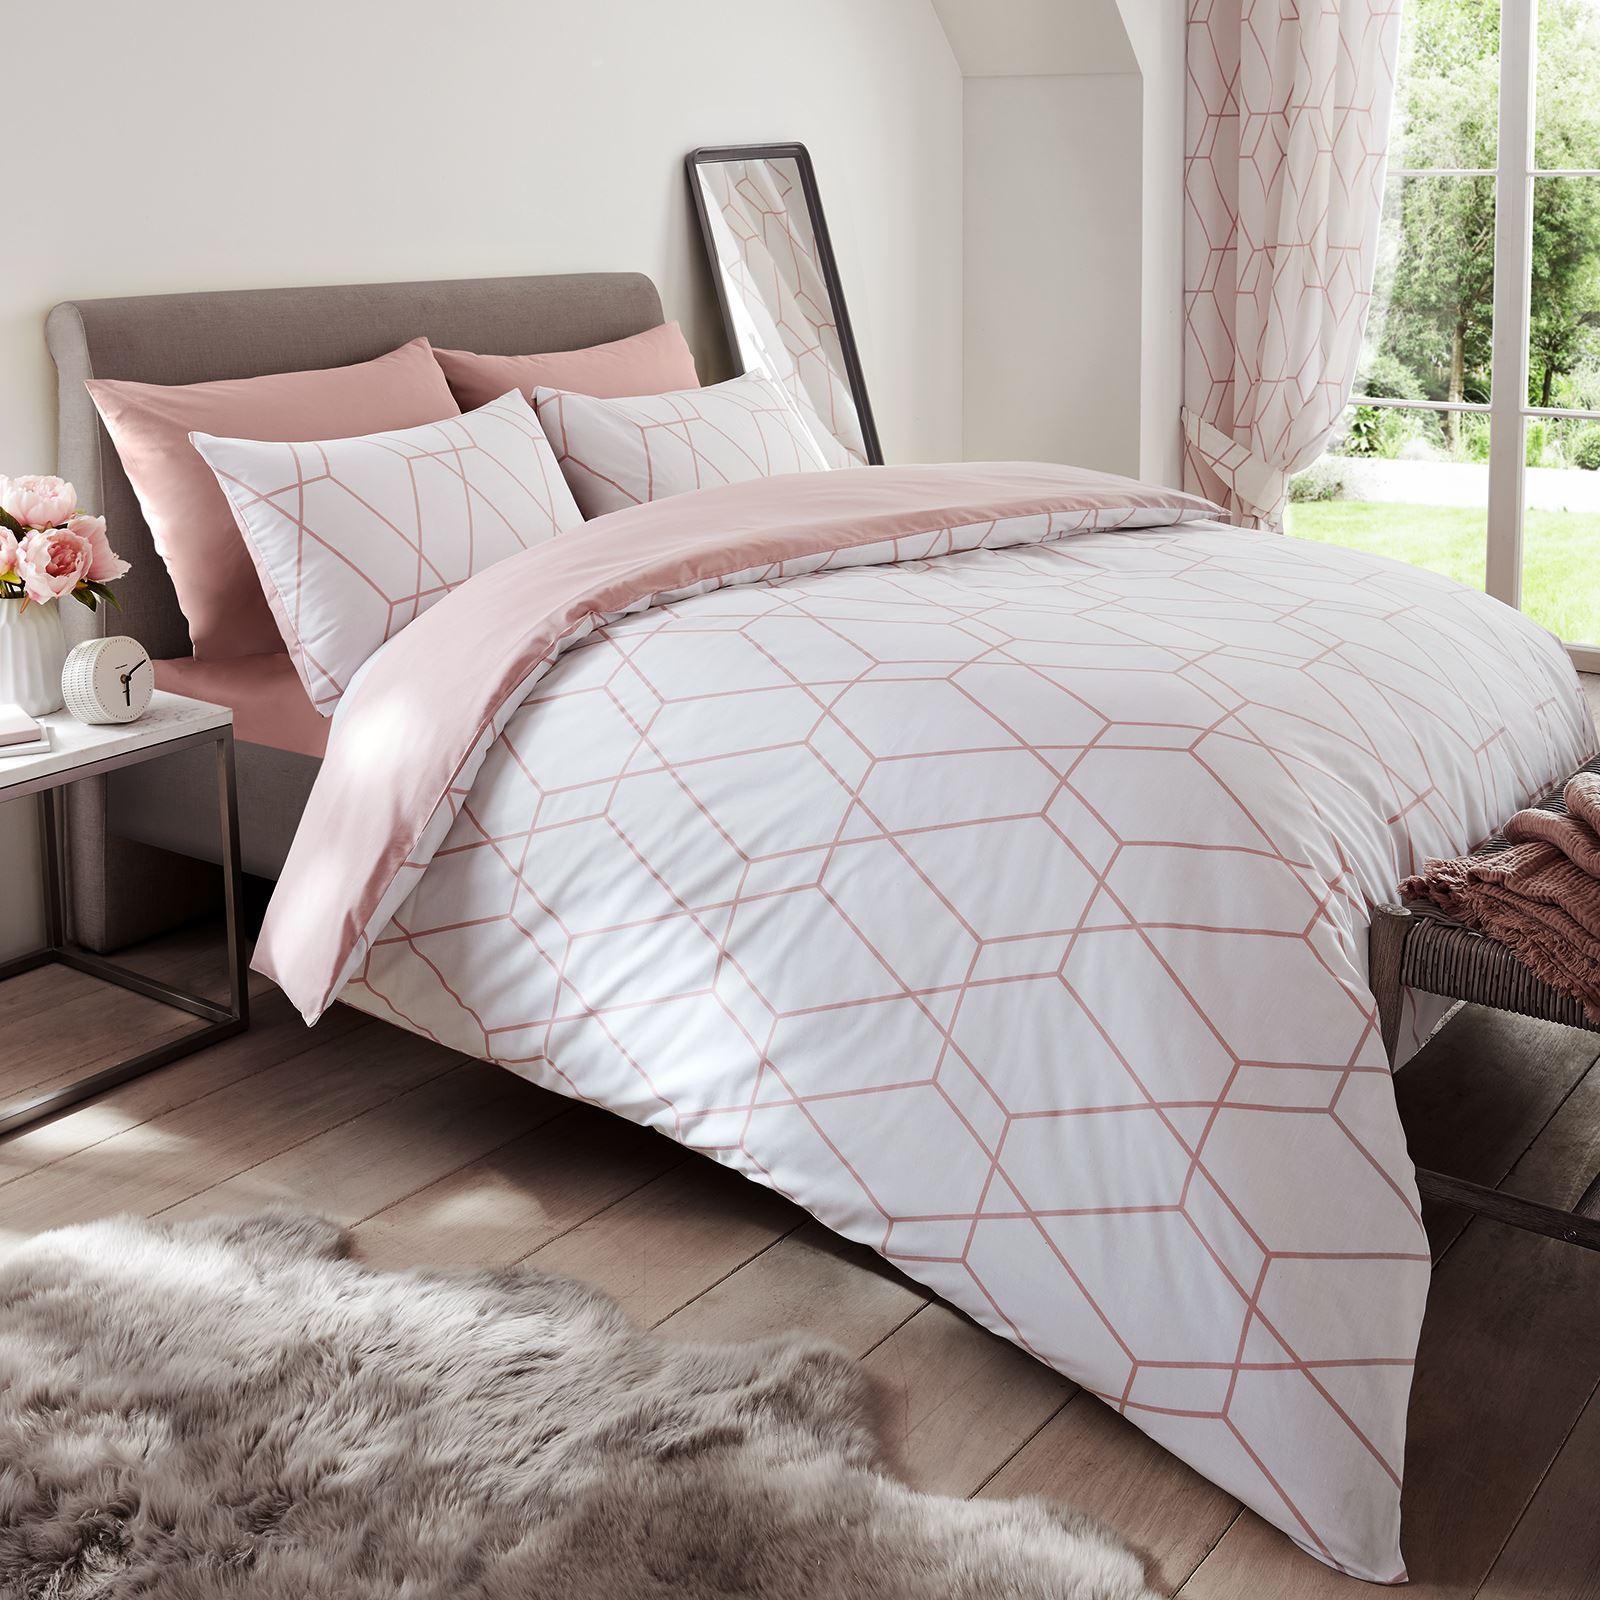 Blush Pink Metro Geometric Diamond Double Duvet Cover Pillowcase